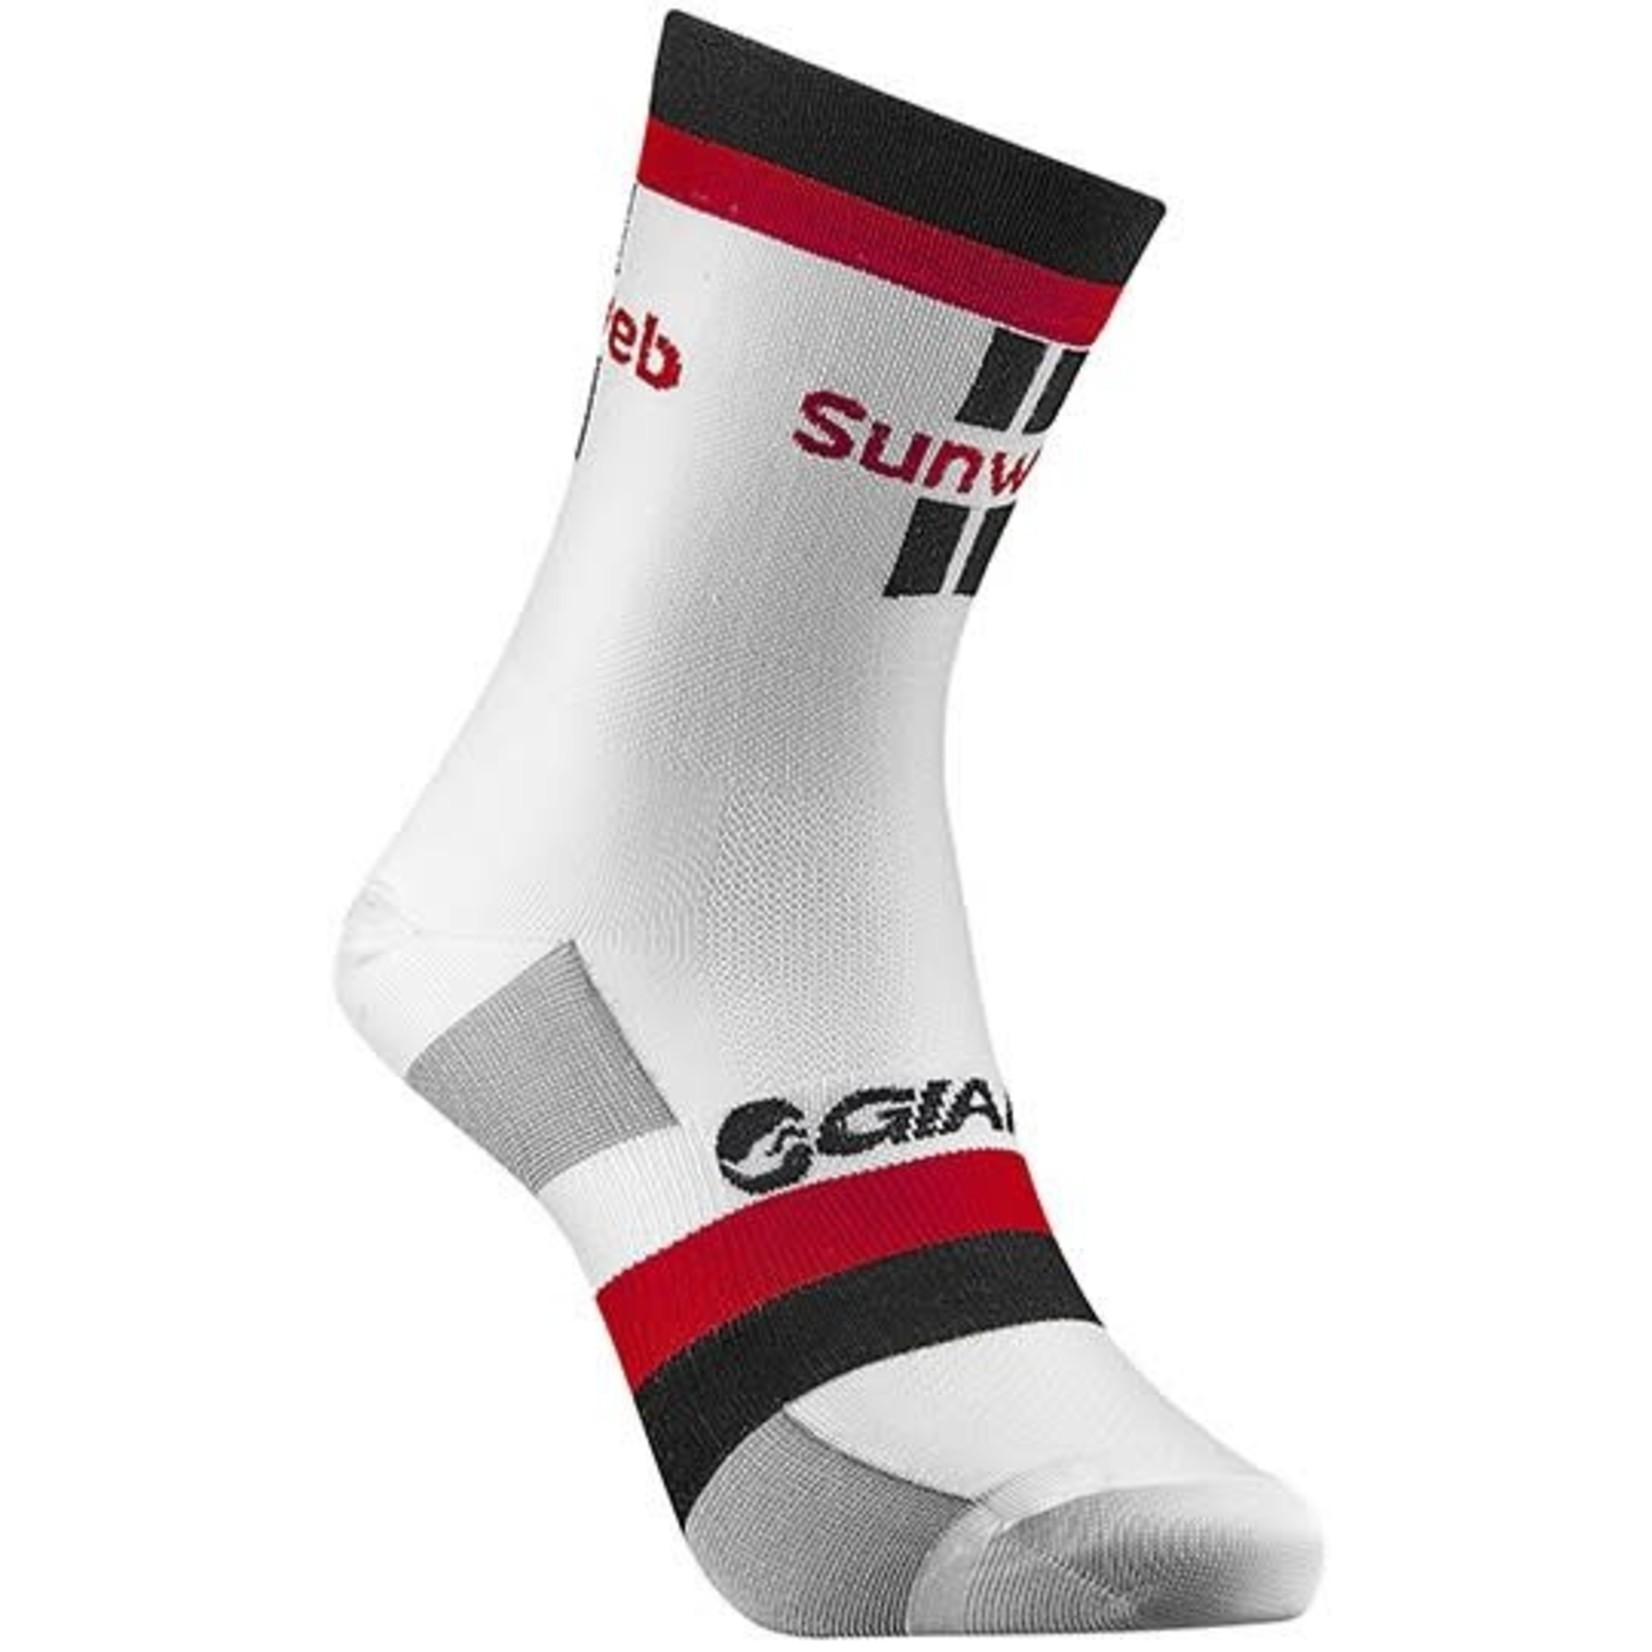 GIANT Giant Sunweb Cycling Sock White M